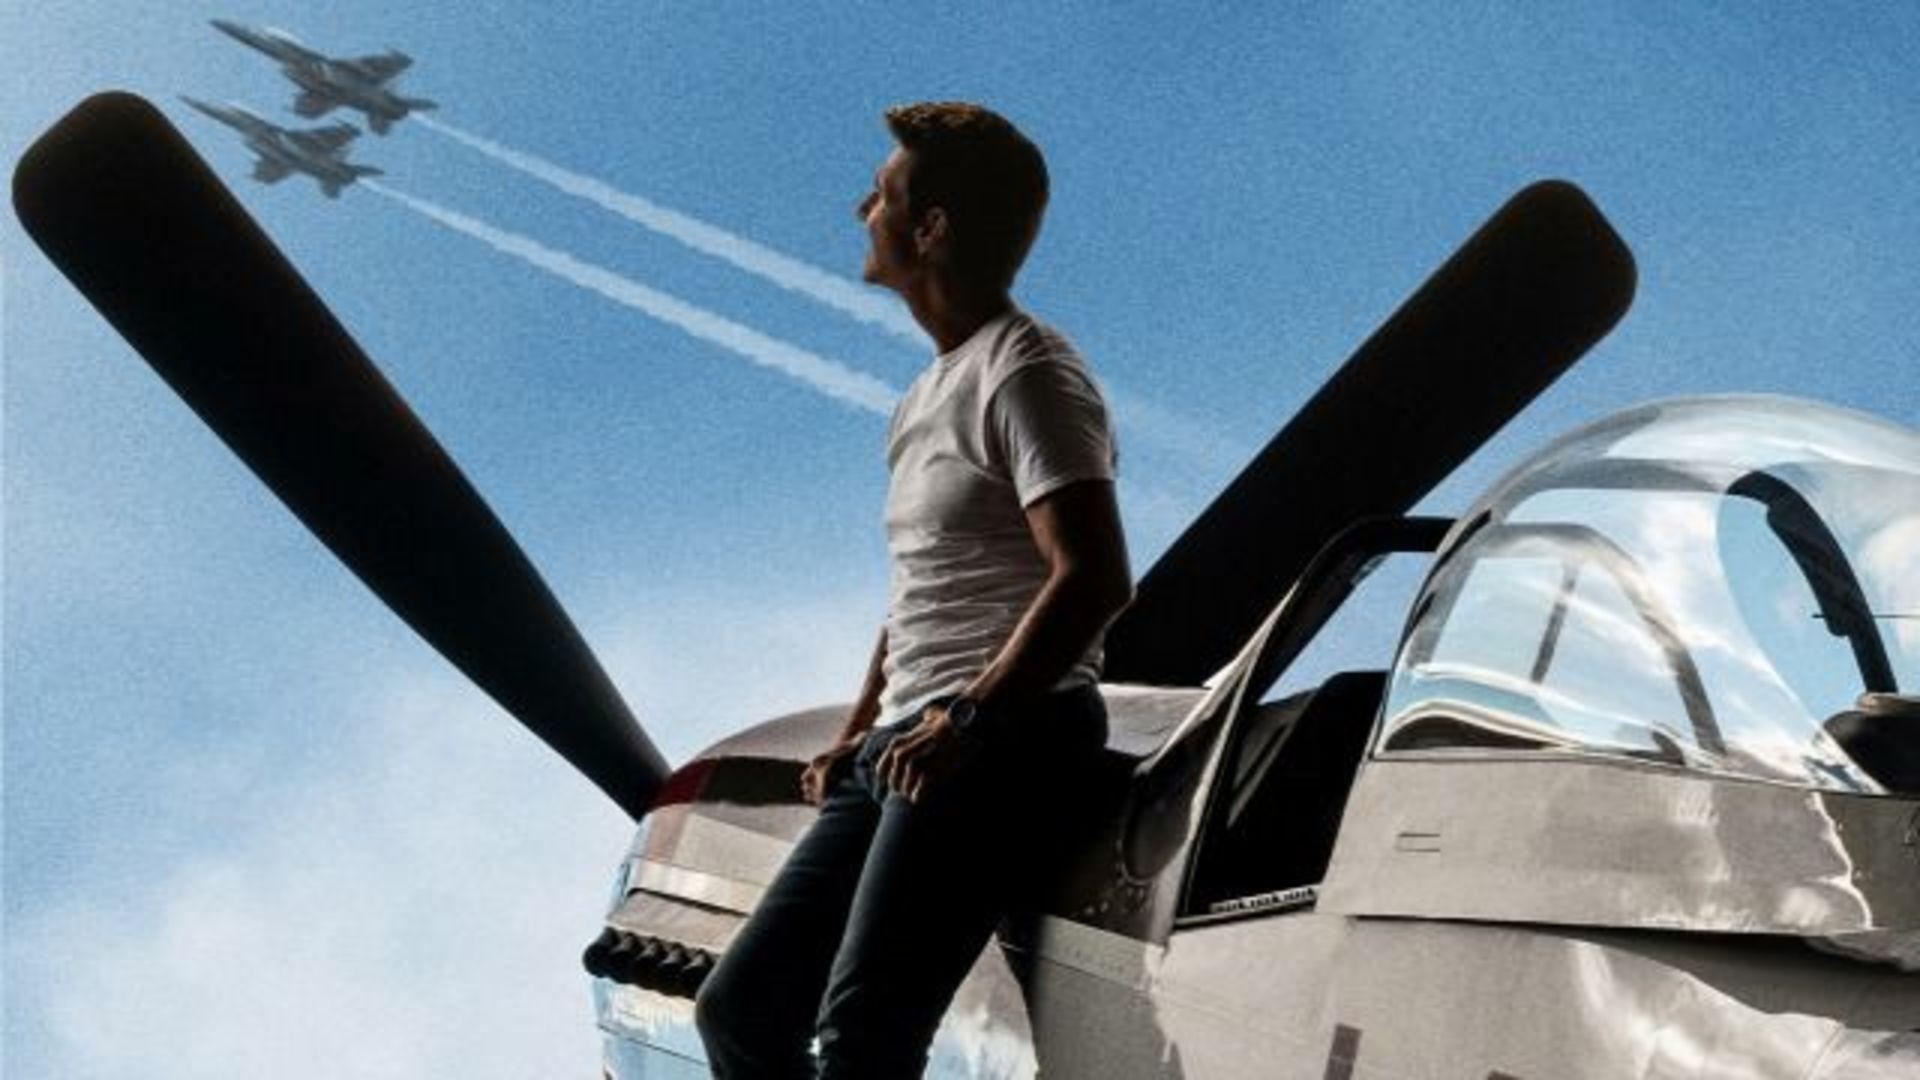 Eerste 9 minuten 'Top Gun: Maverick' vanavond te zien op YouTube